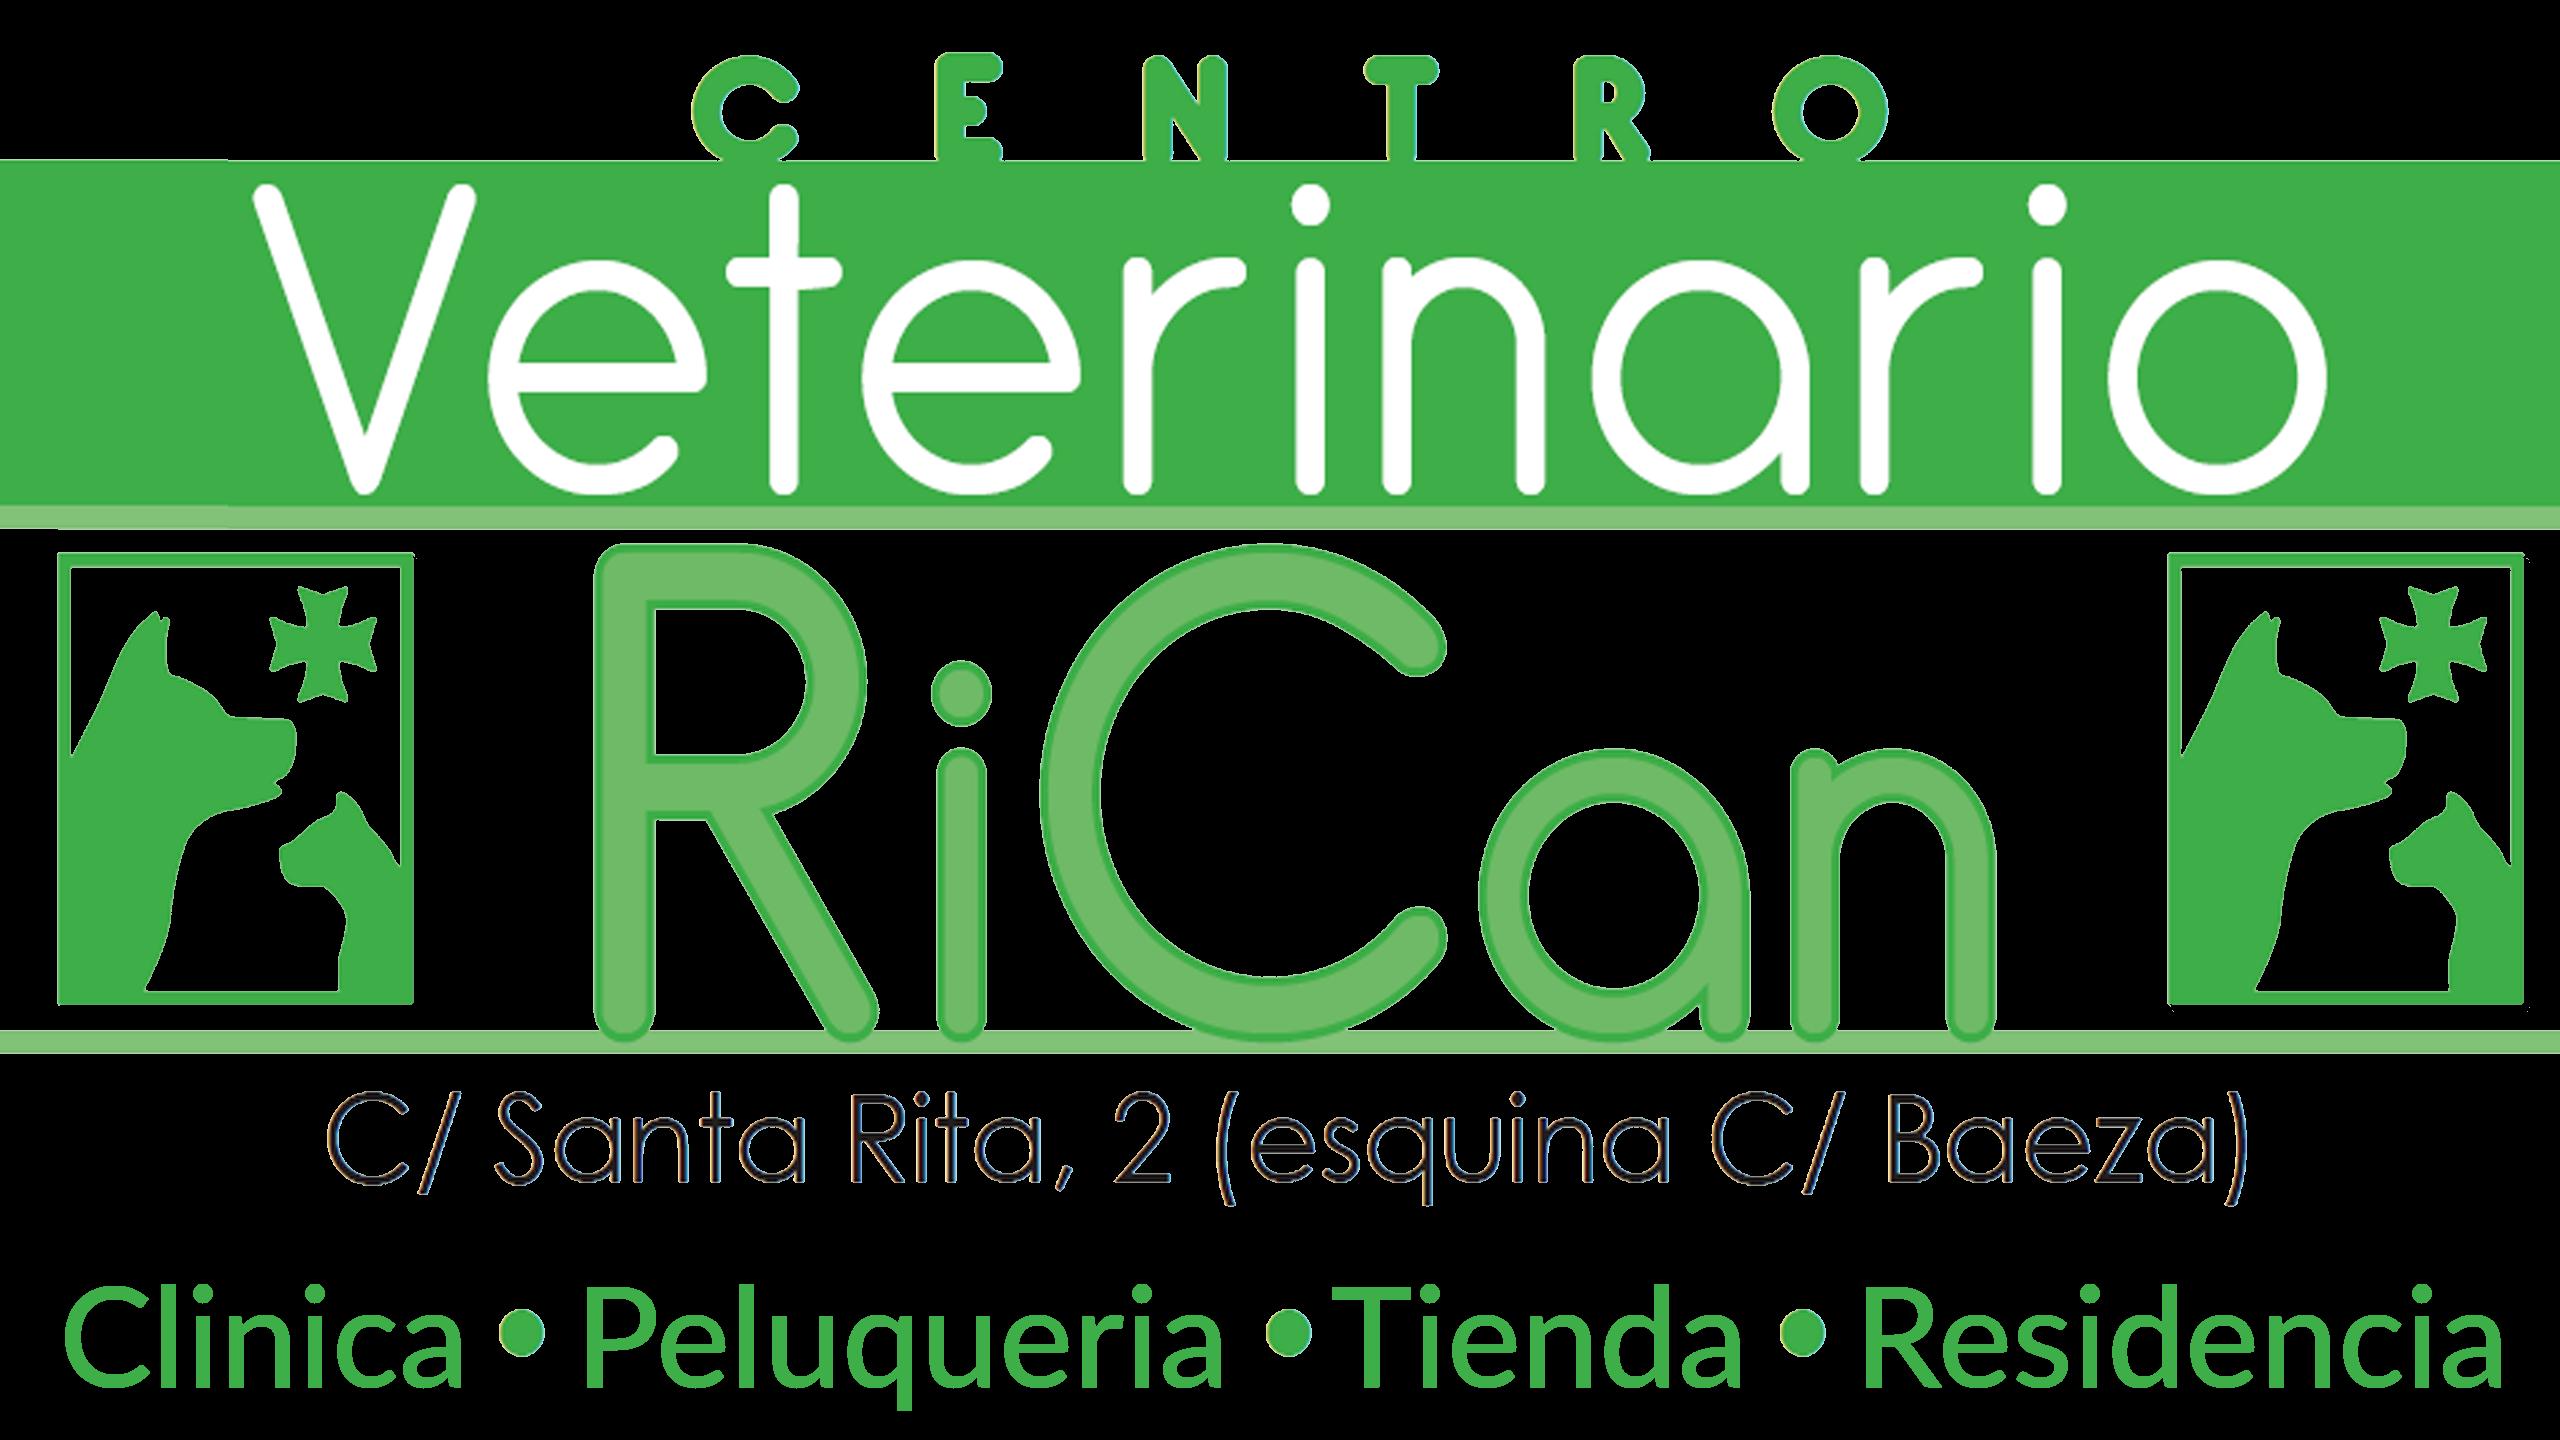 Centro Veterinario Rican